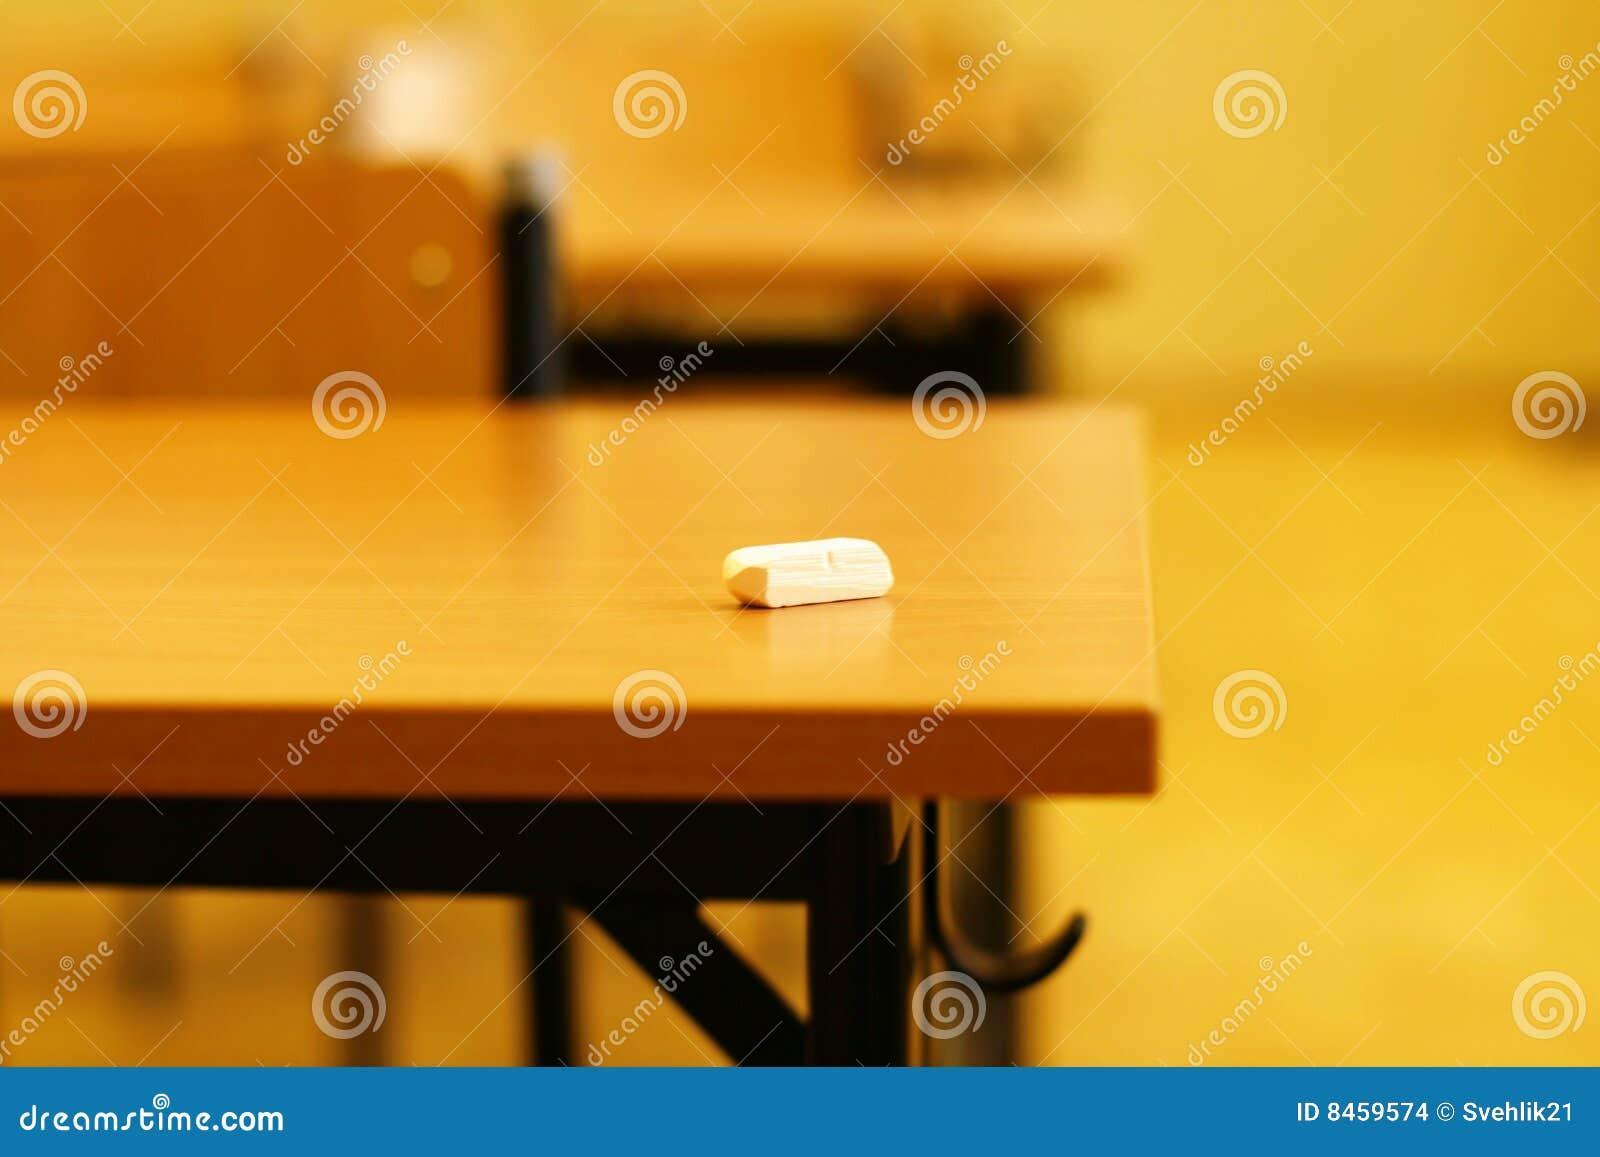 Klassrumminnesskola